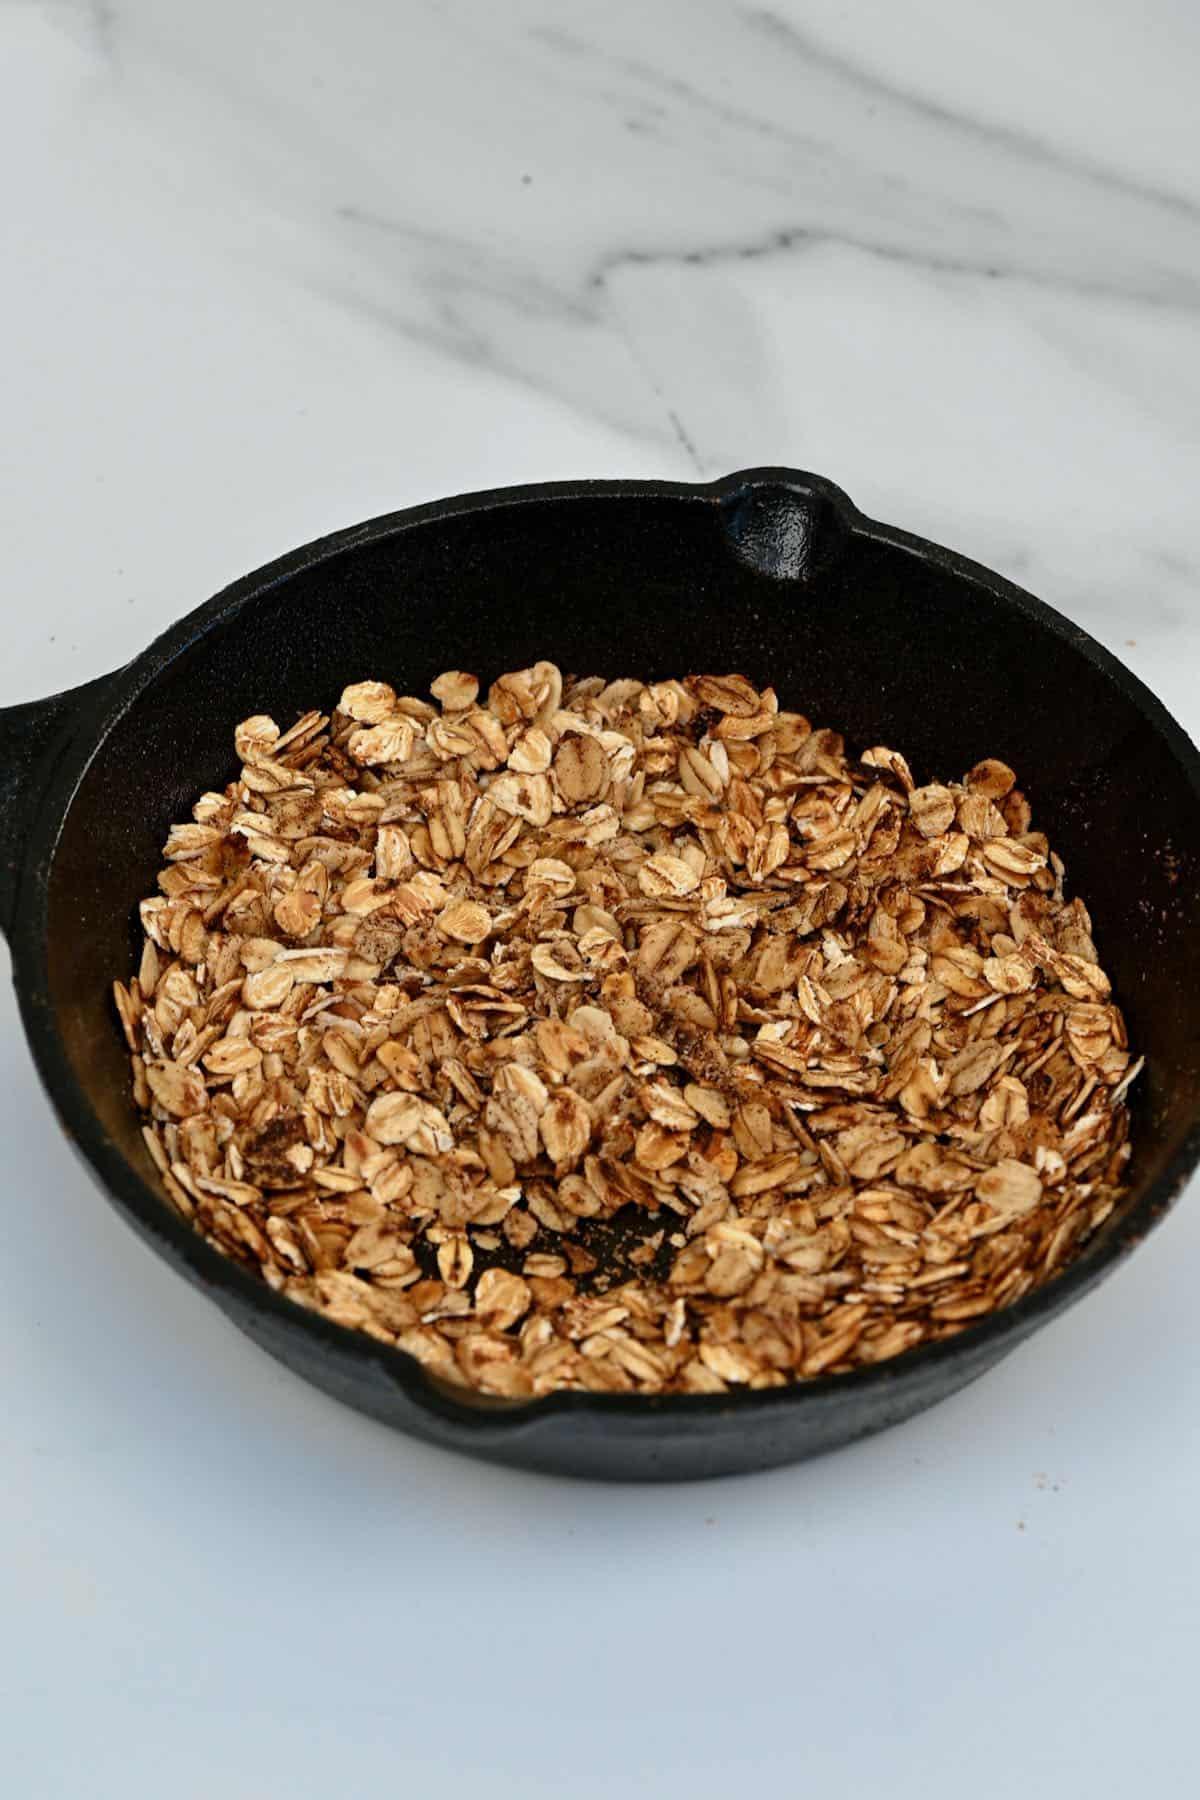 Crispy oats in a bowl